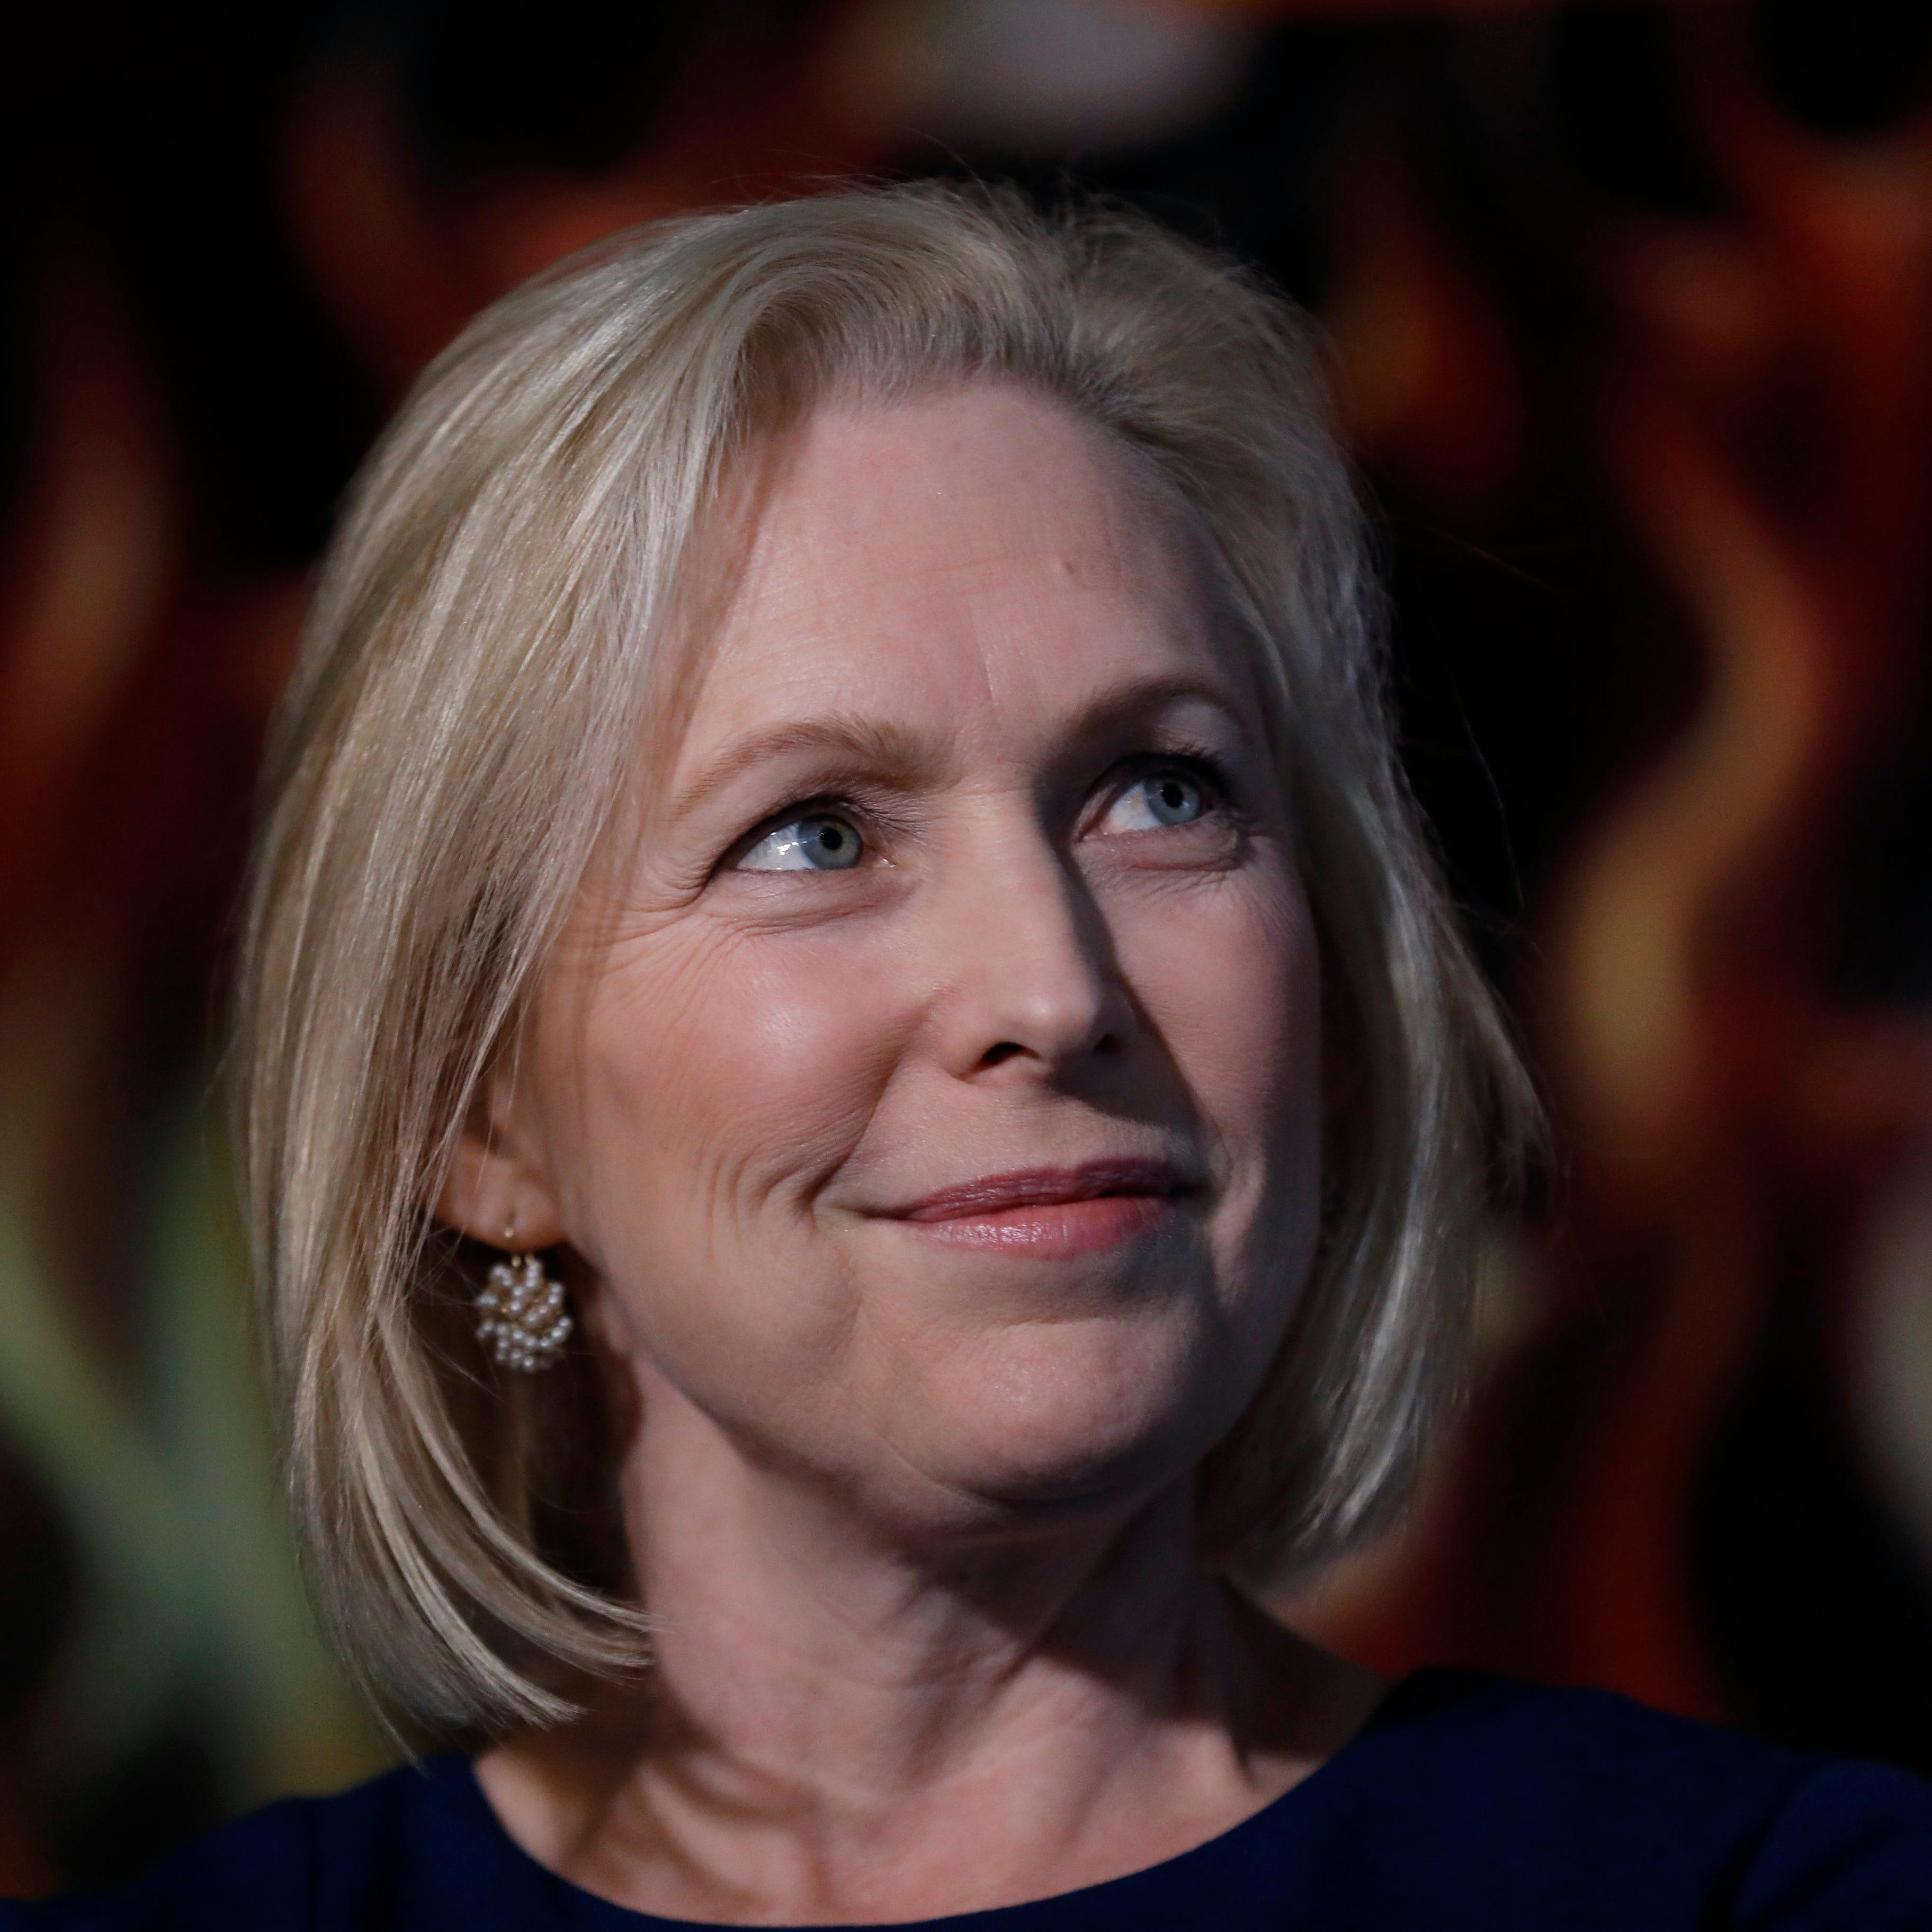 Sen. Kirsten Gillibrand faced #MeToo complaint in her own office: report